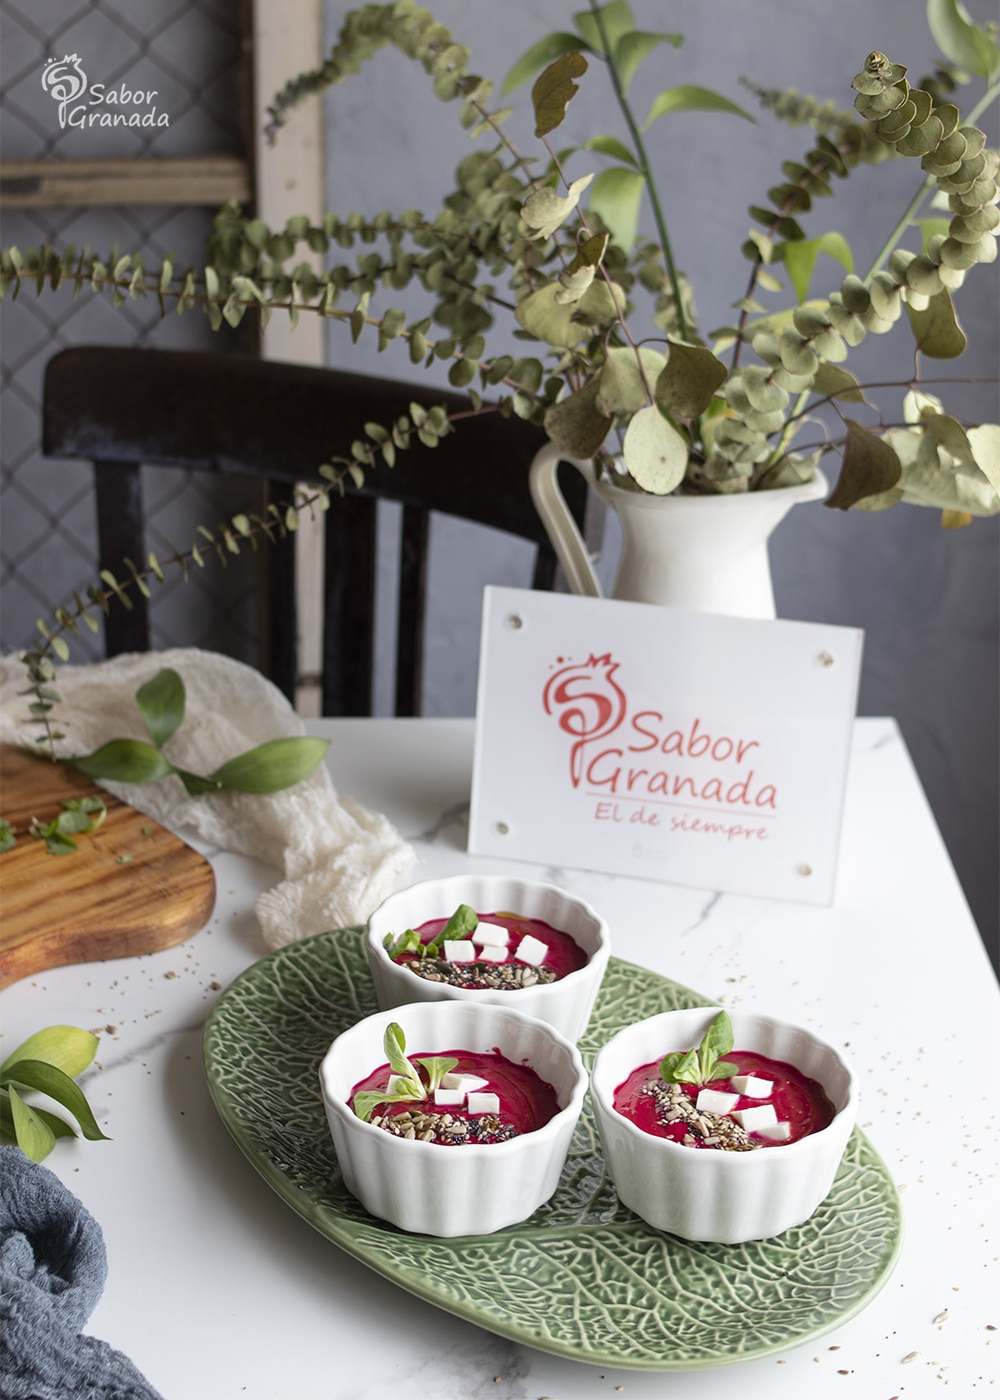 Salmorejo de remolacha - Sabor Granada